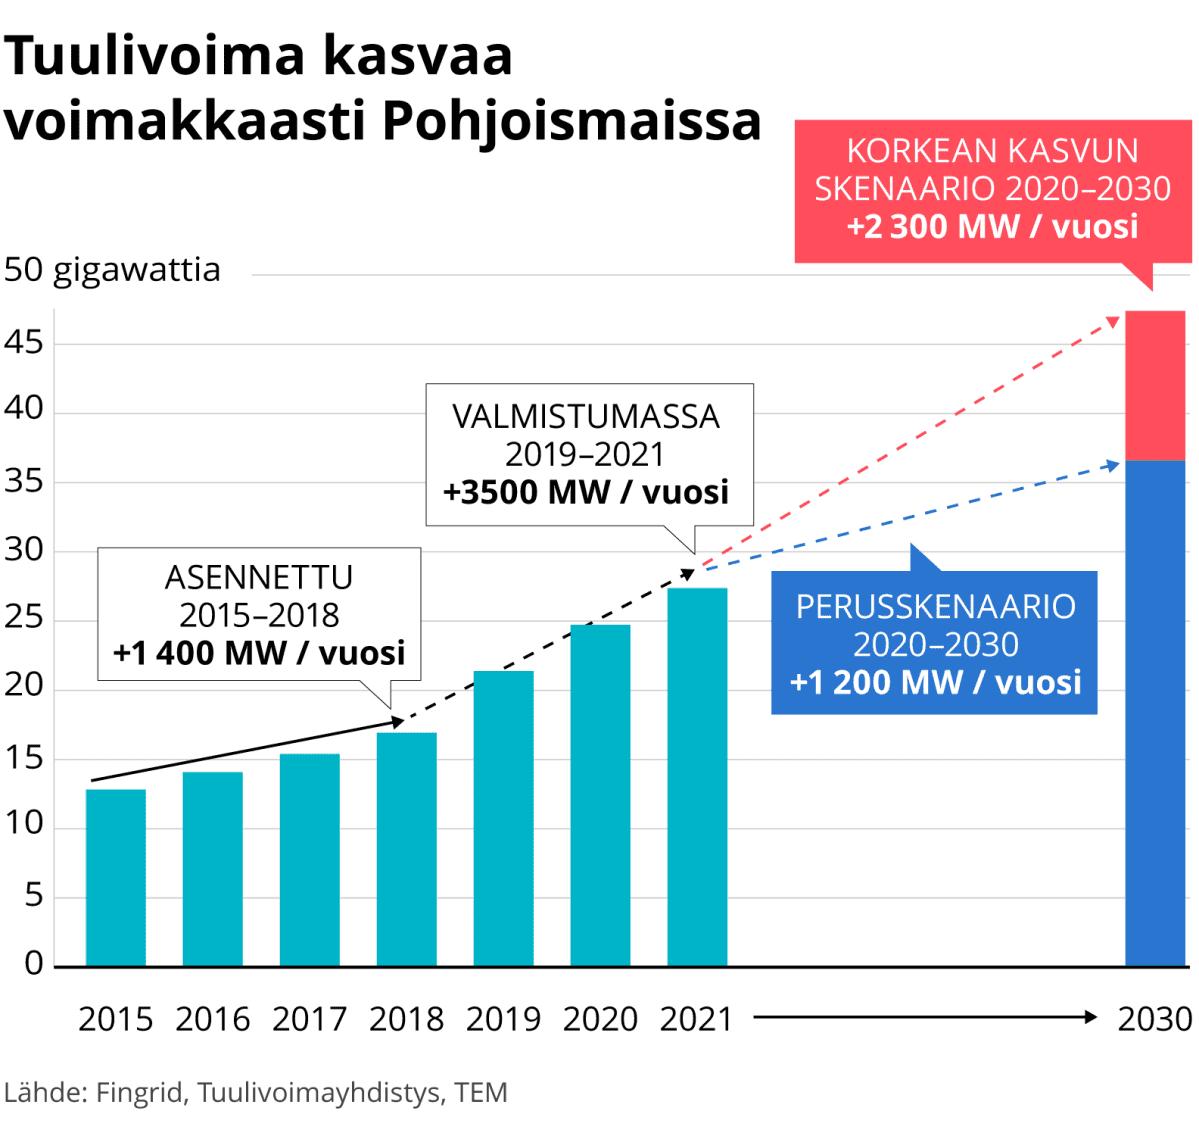 Tuulivoima kasvaa voimakkaasti Pohjoismaissa